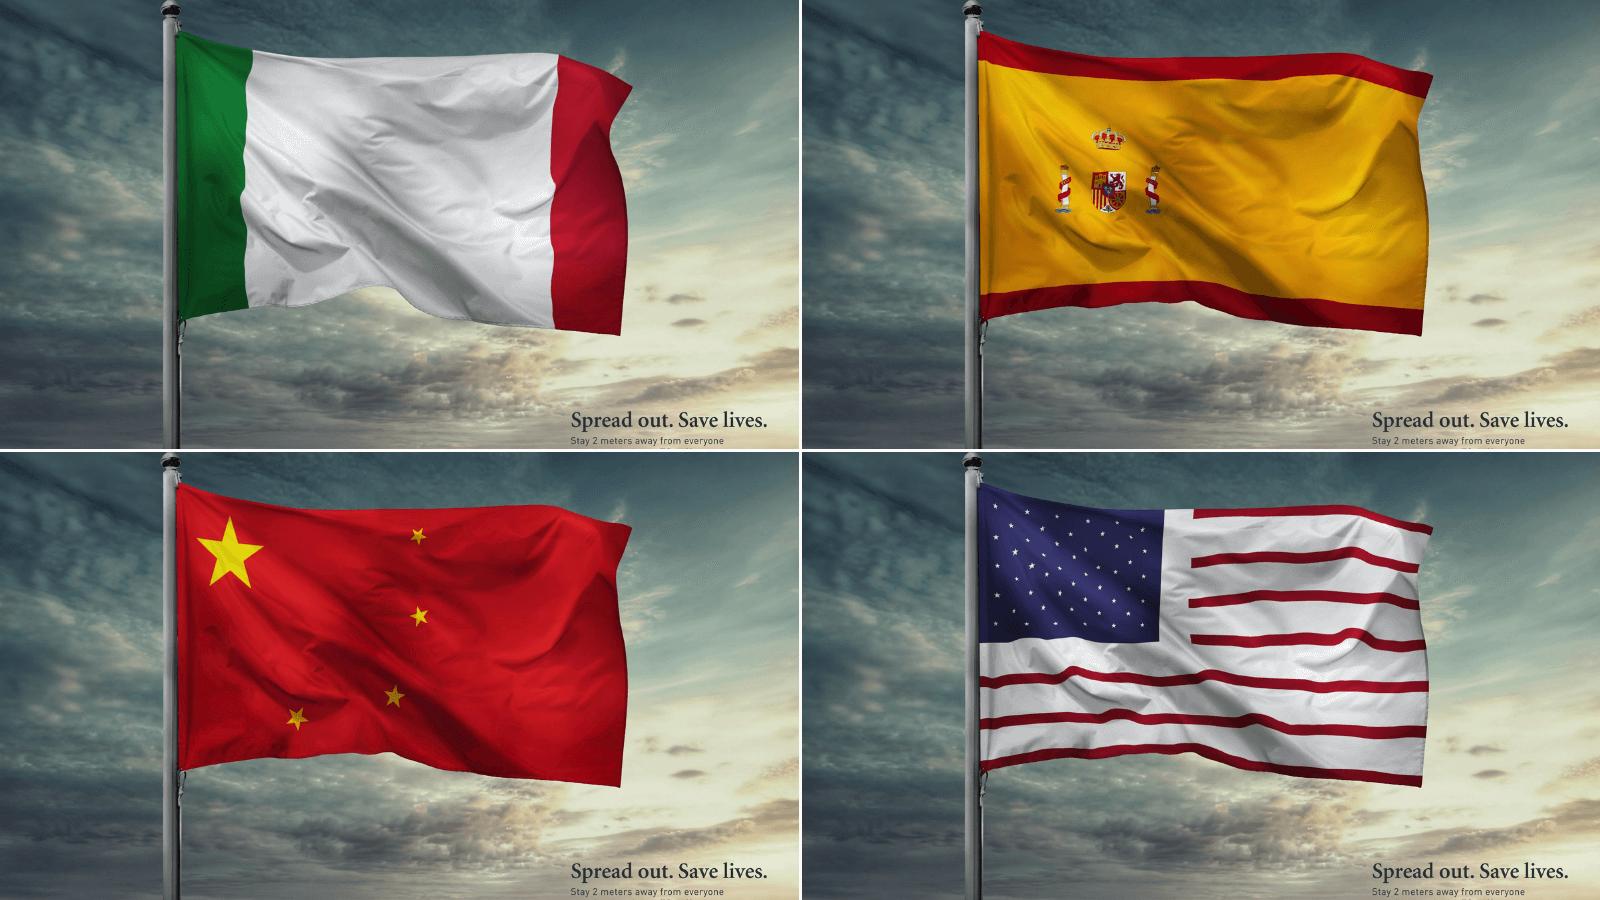 La OMS presenta una campaña de concientización sobre la importancia del distanciamiento usando las banderas de los países más afectados por el coronavirus 01